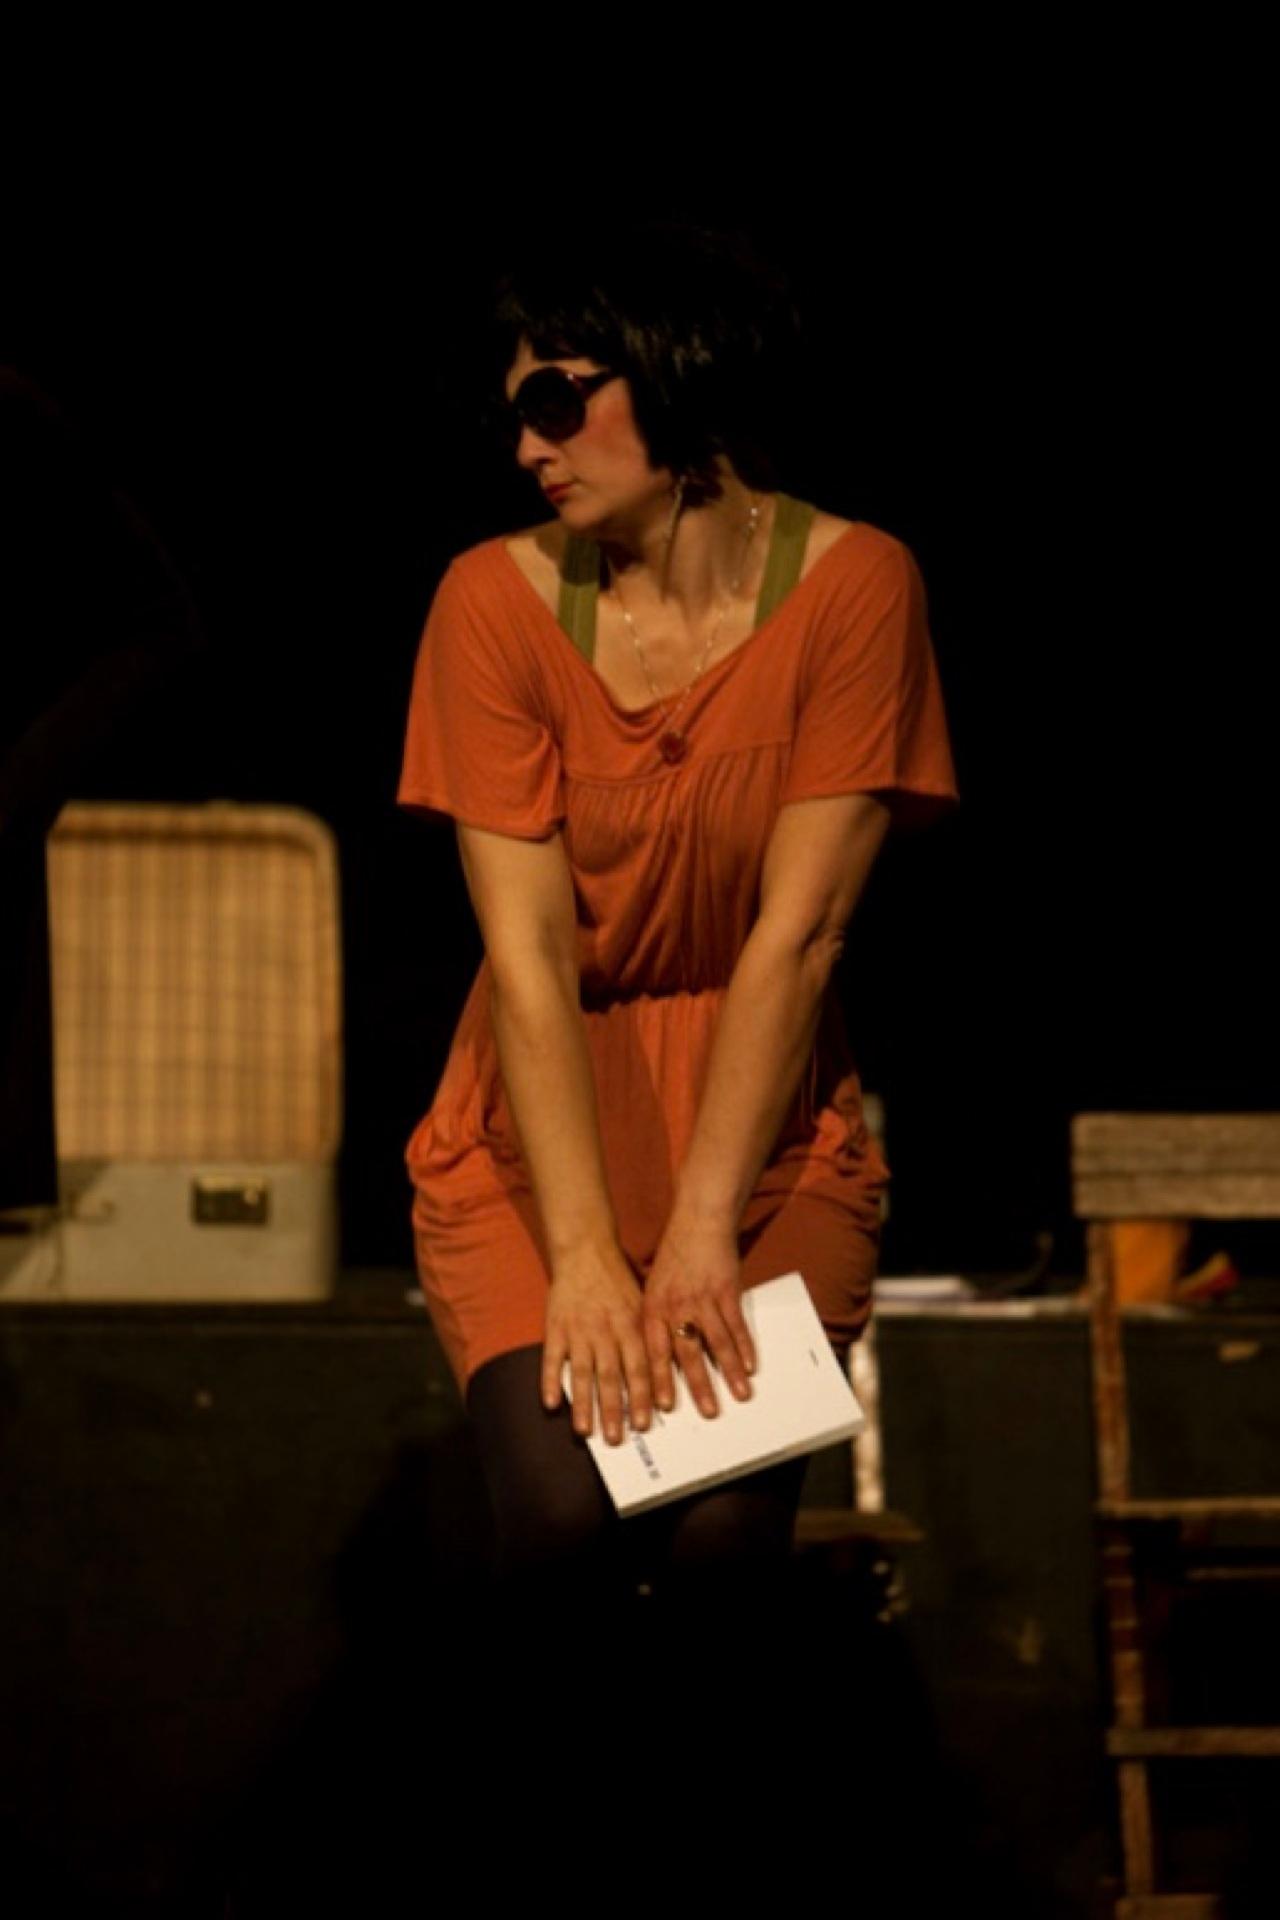 Hanneke_Scholten_Actrice_TheaterS12